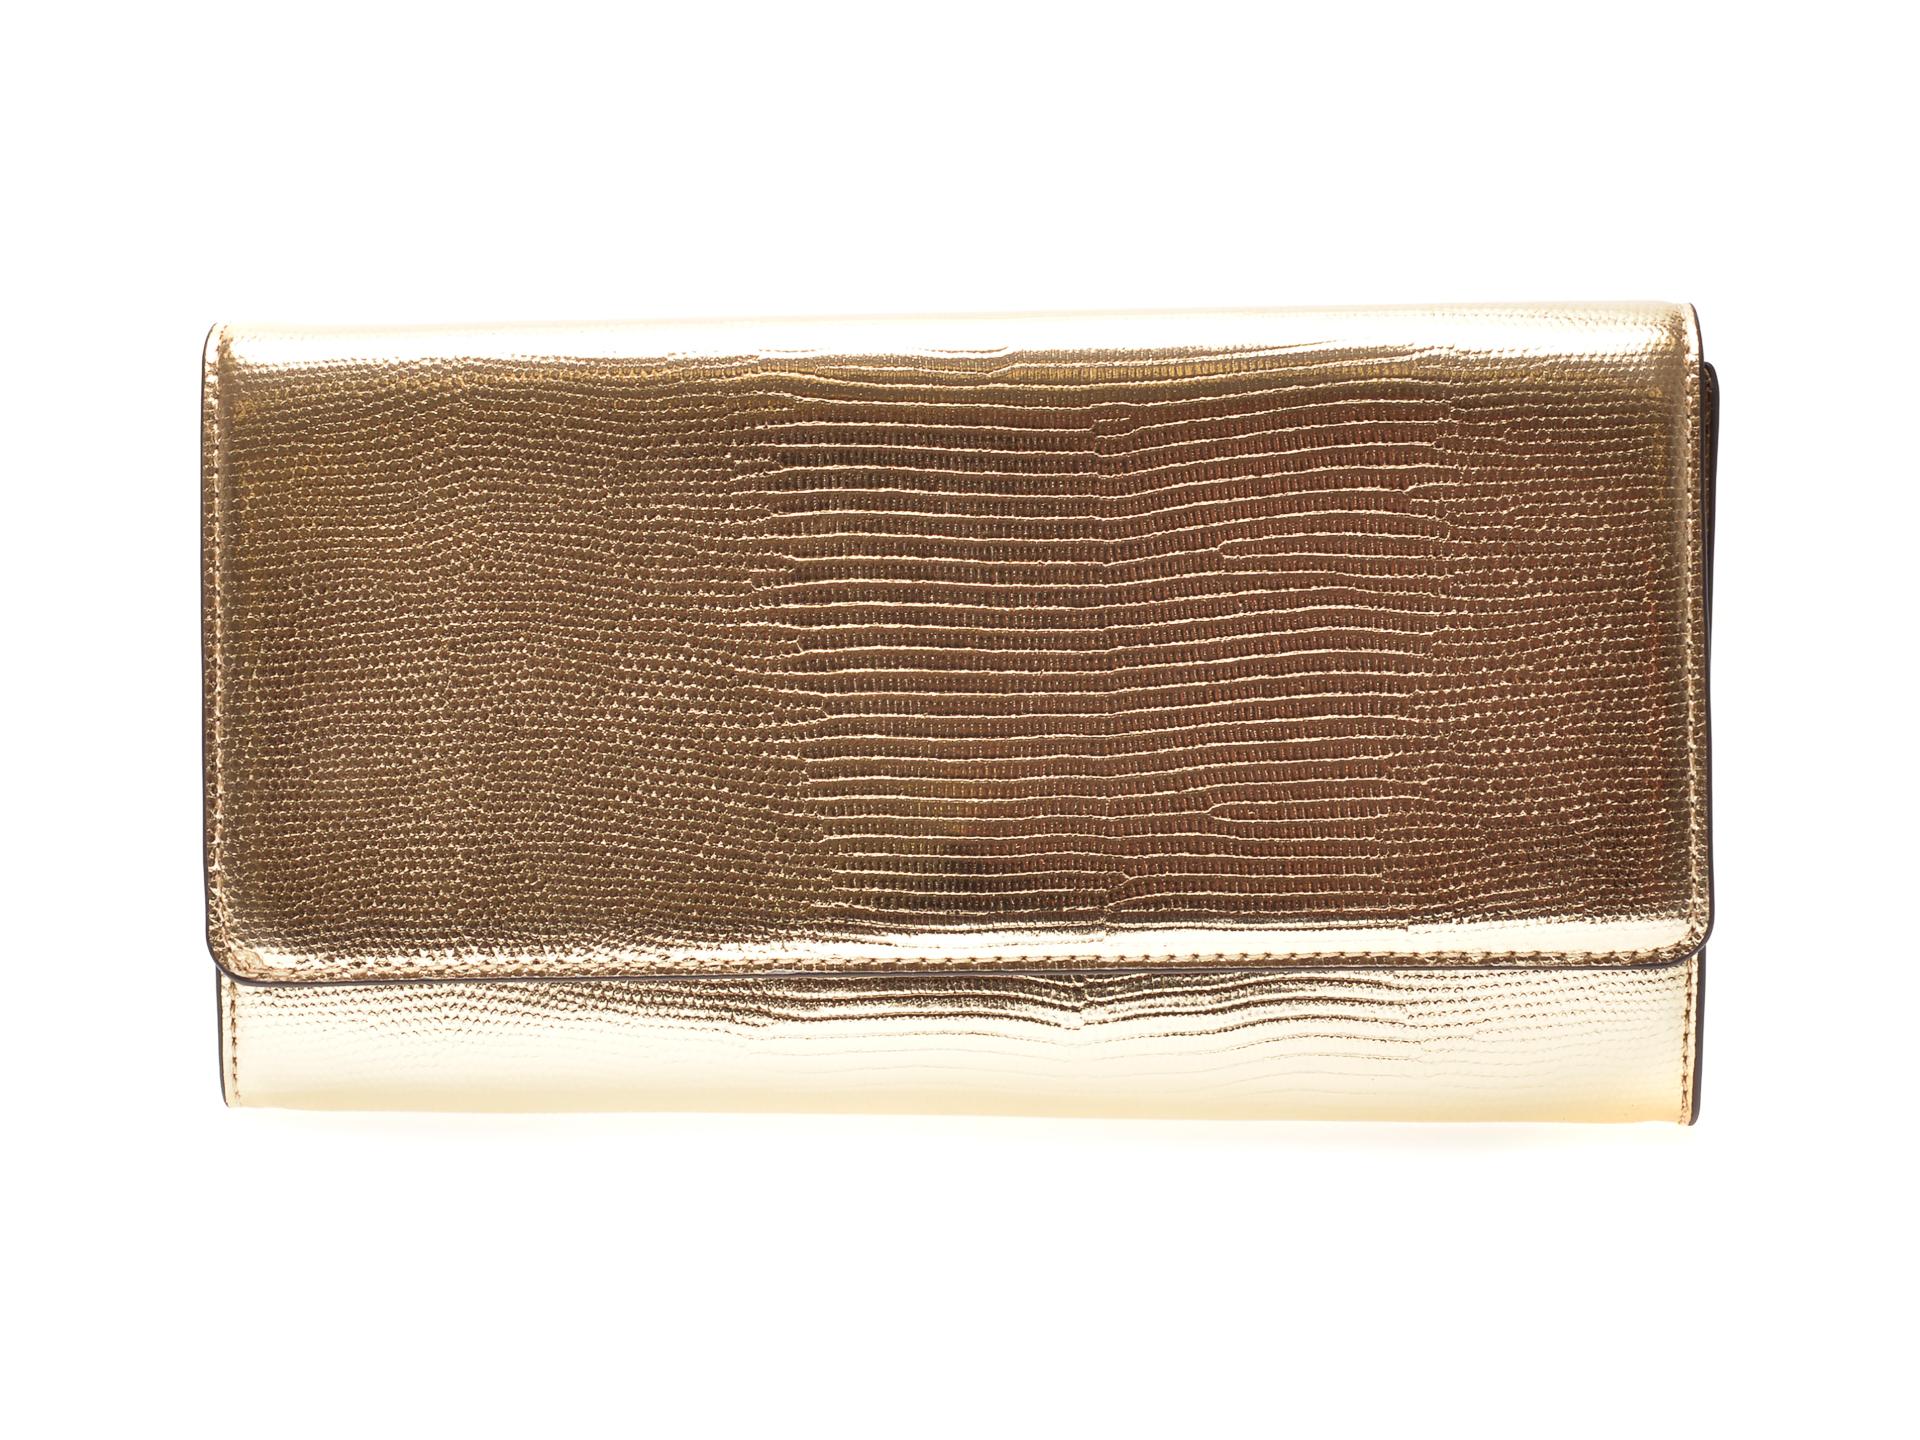 Poseta plic ALDO aurie, Gwelilith710, din piele ecologica imagine